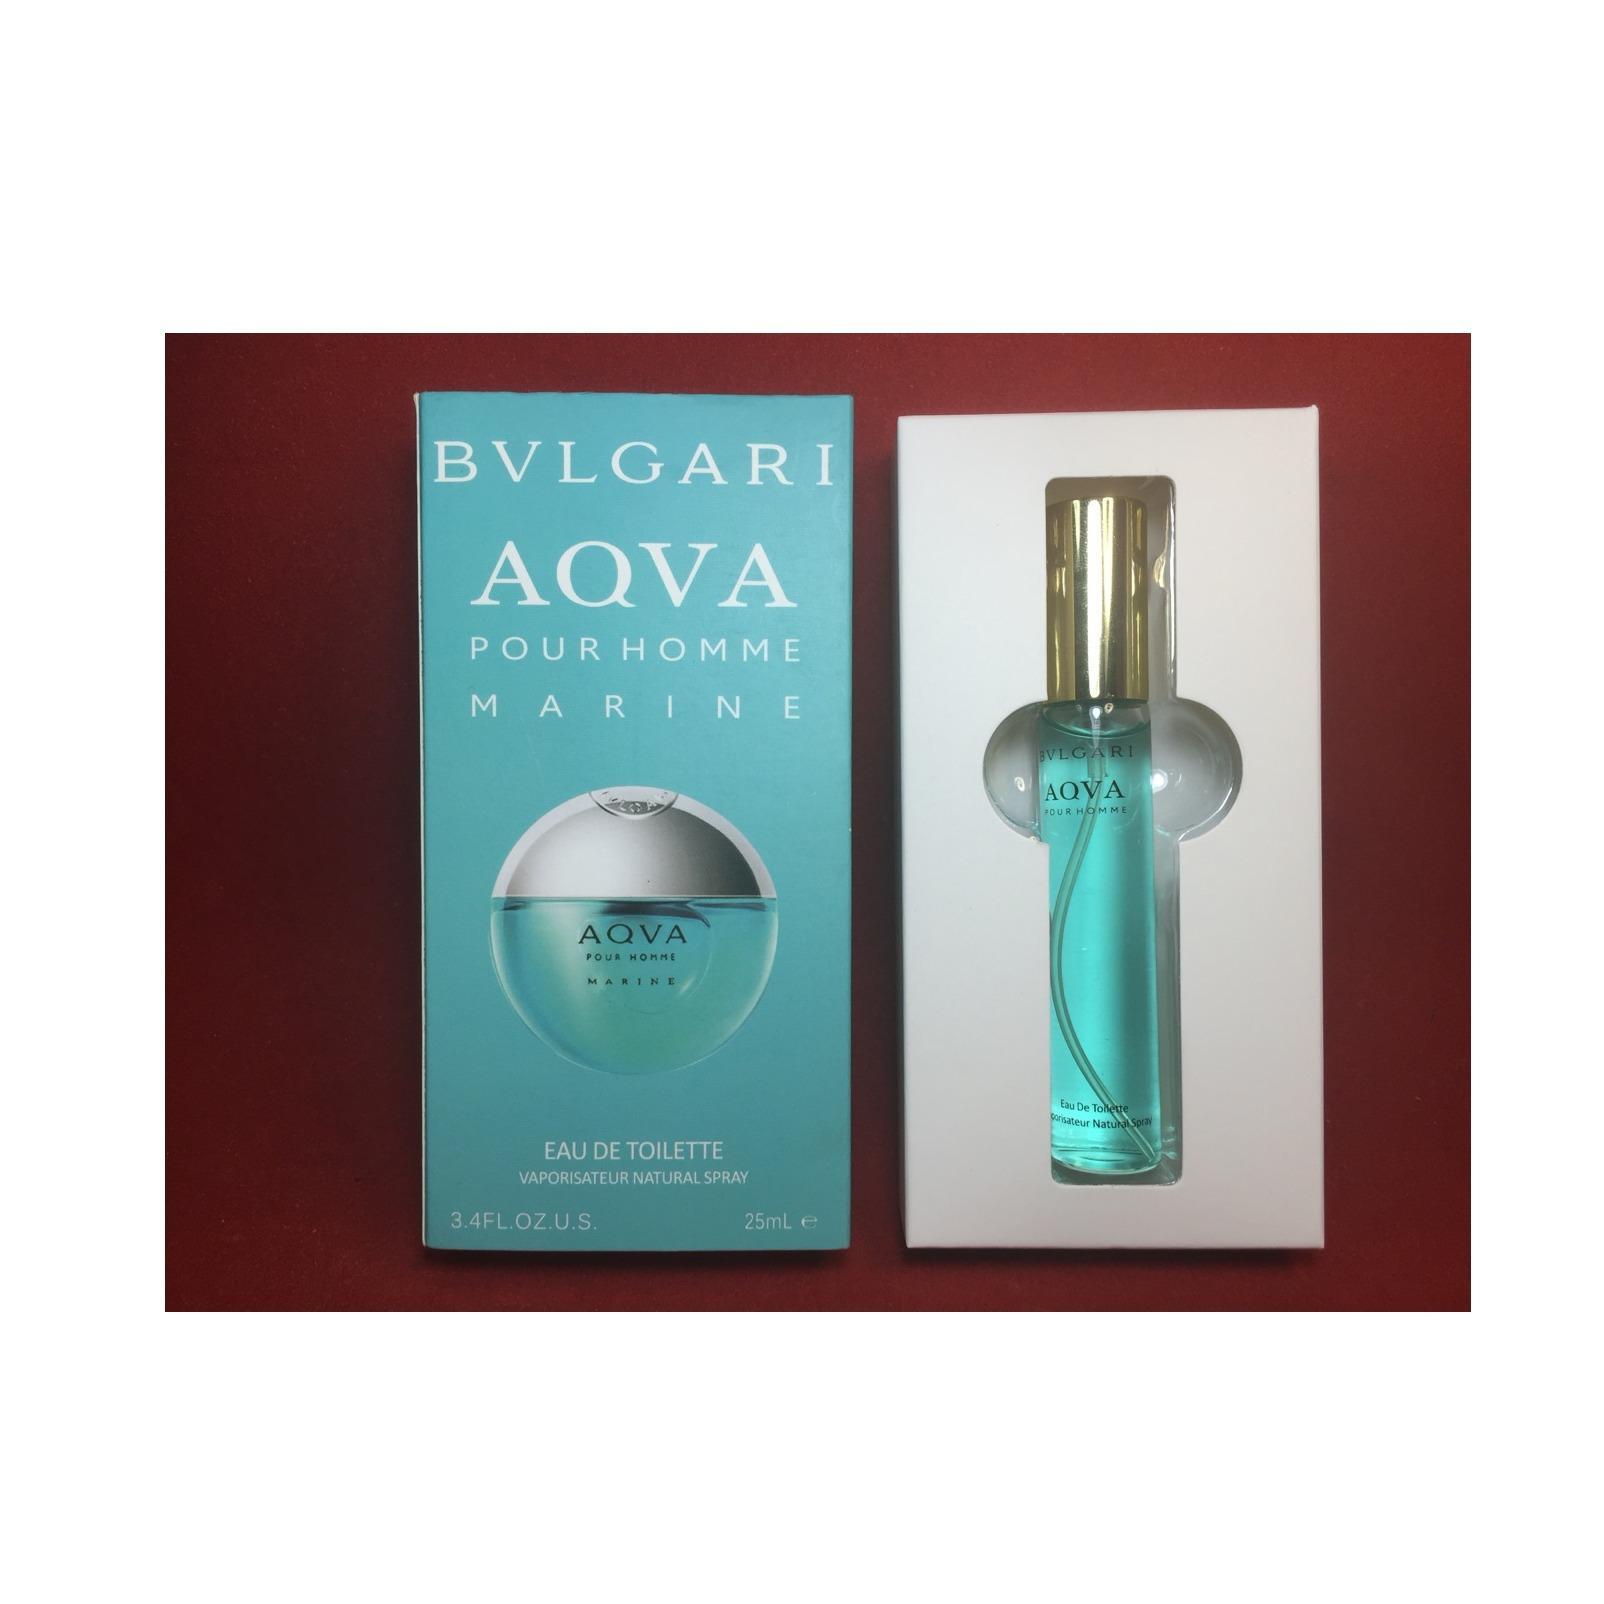 Bvlgari Aqva Marine Pour Homme Eau de Toilette for Men Travel Size - 25ml - thumbnail